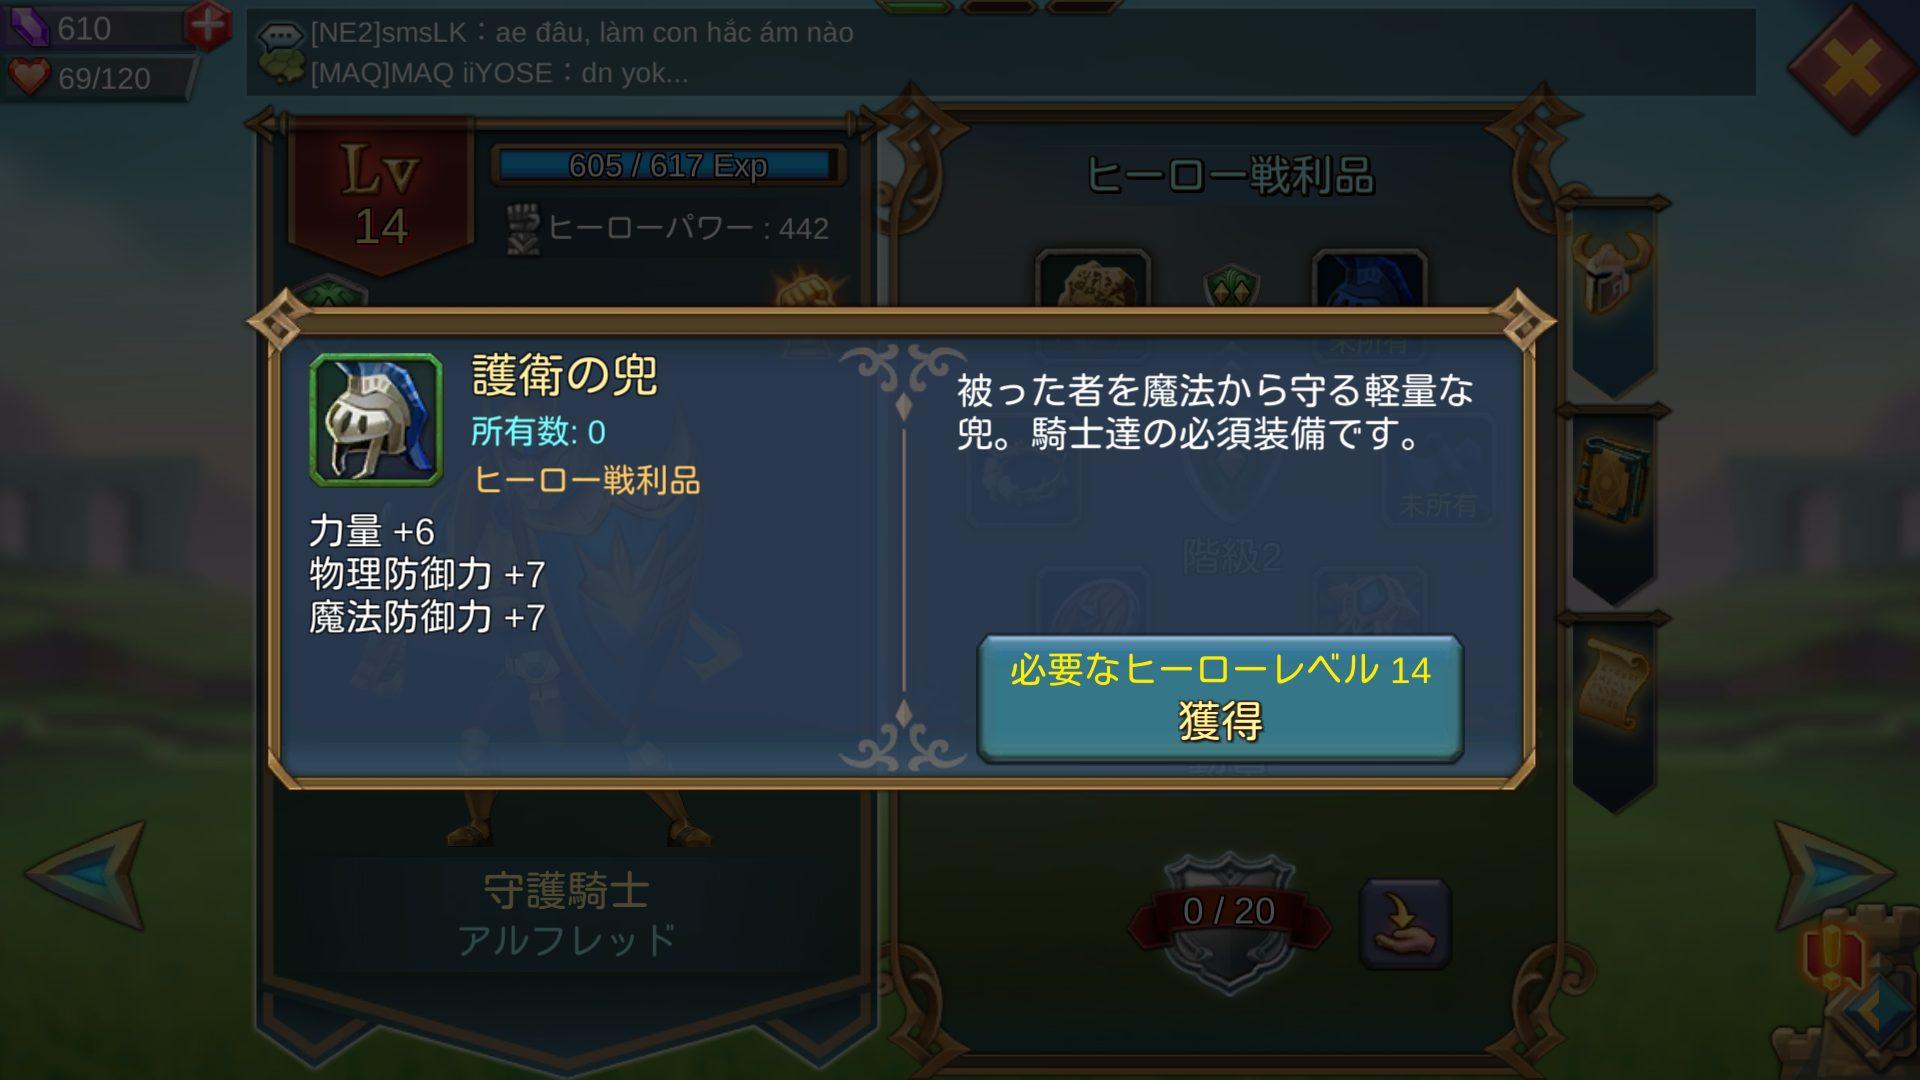 ロードモバイルの装備品詳細